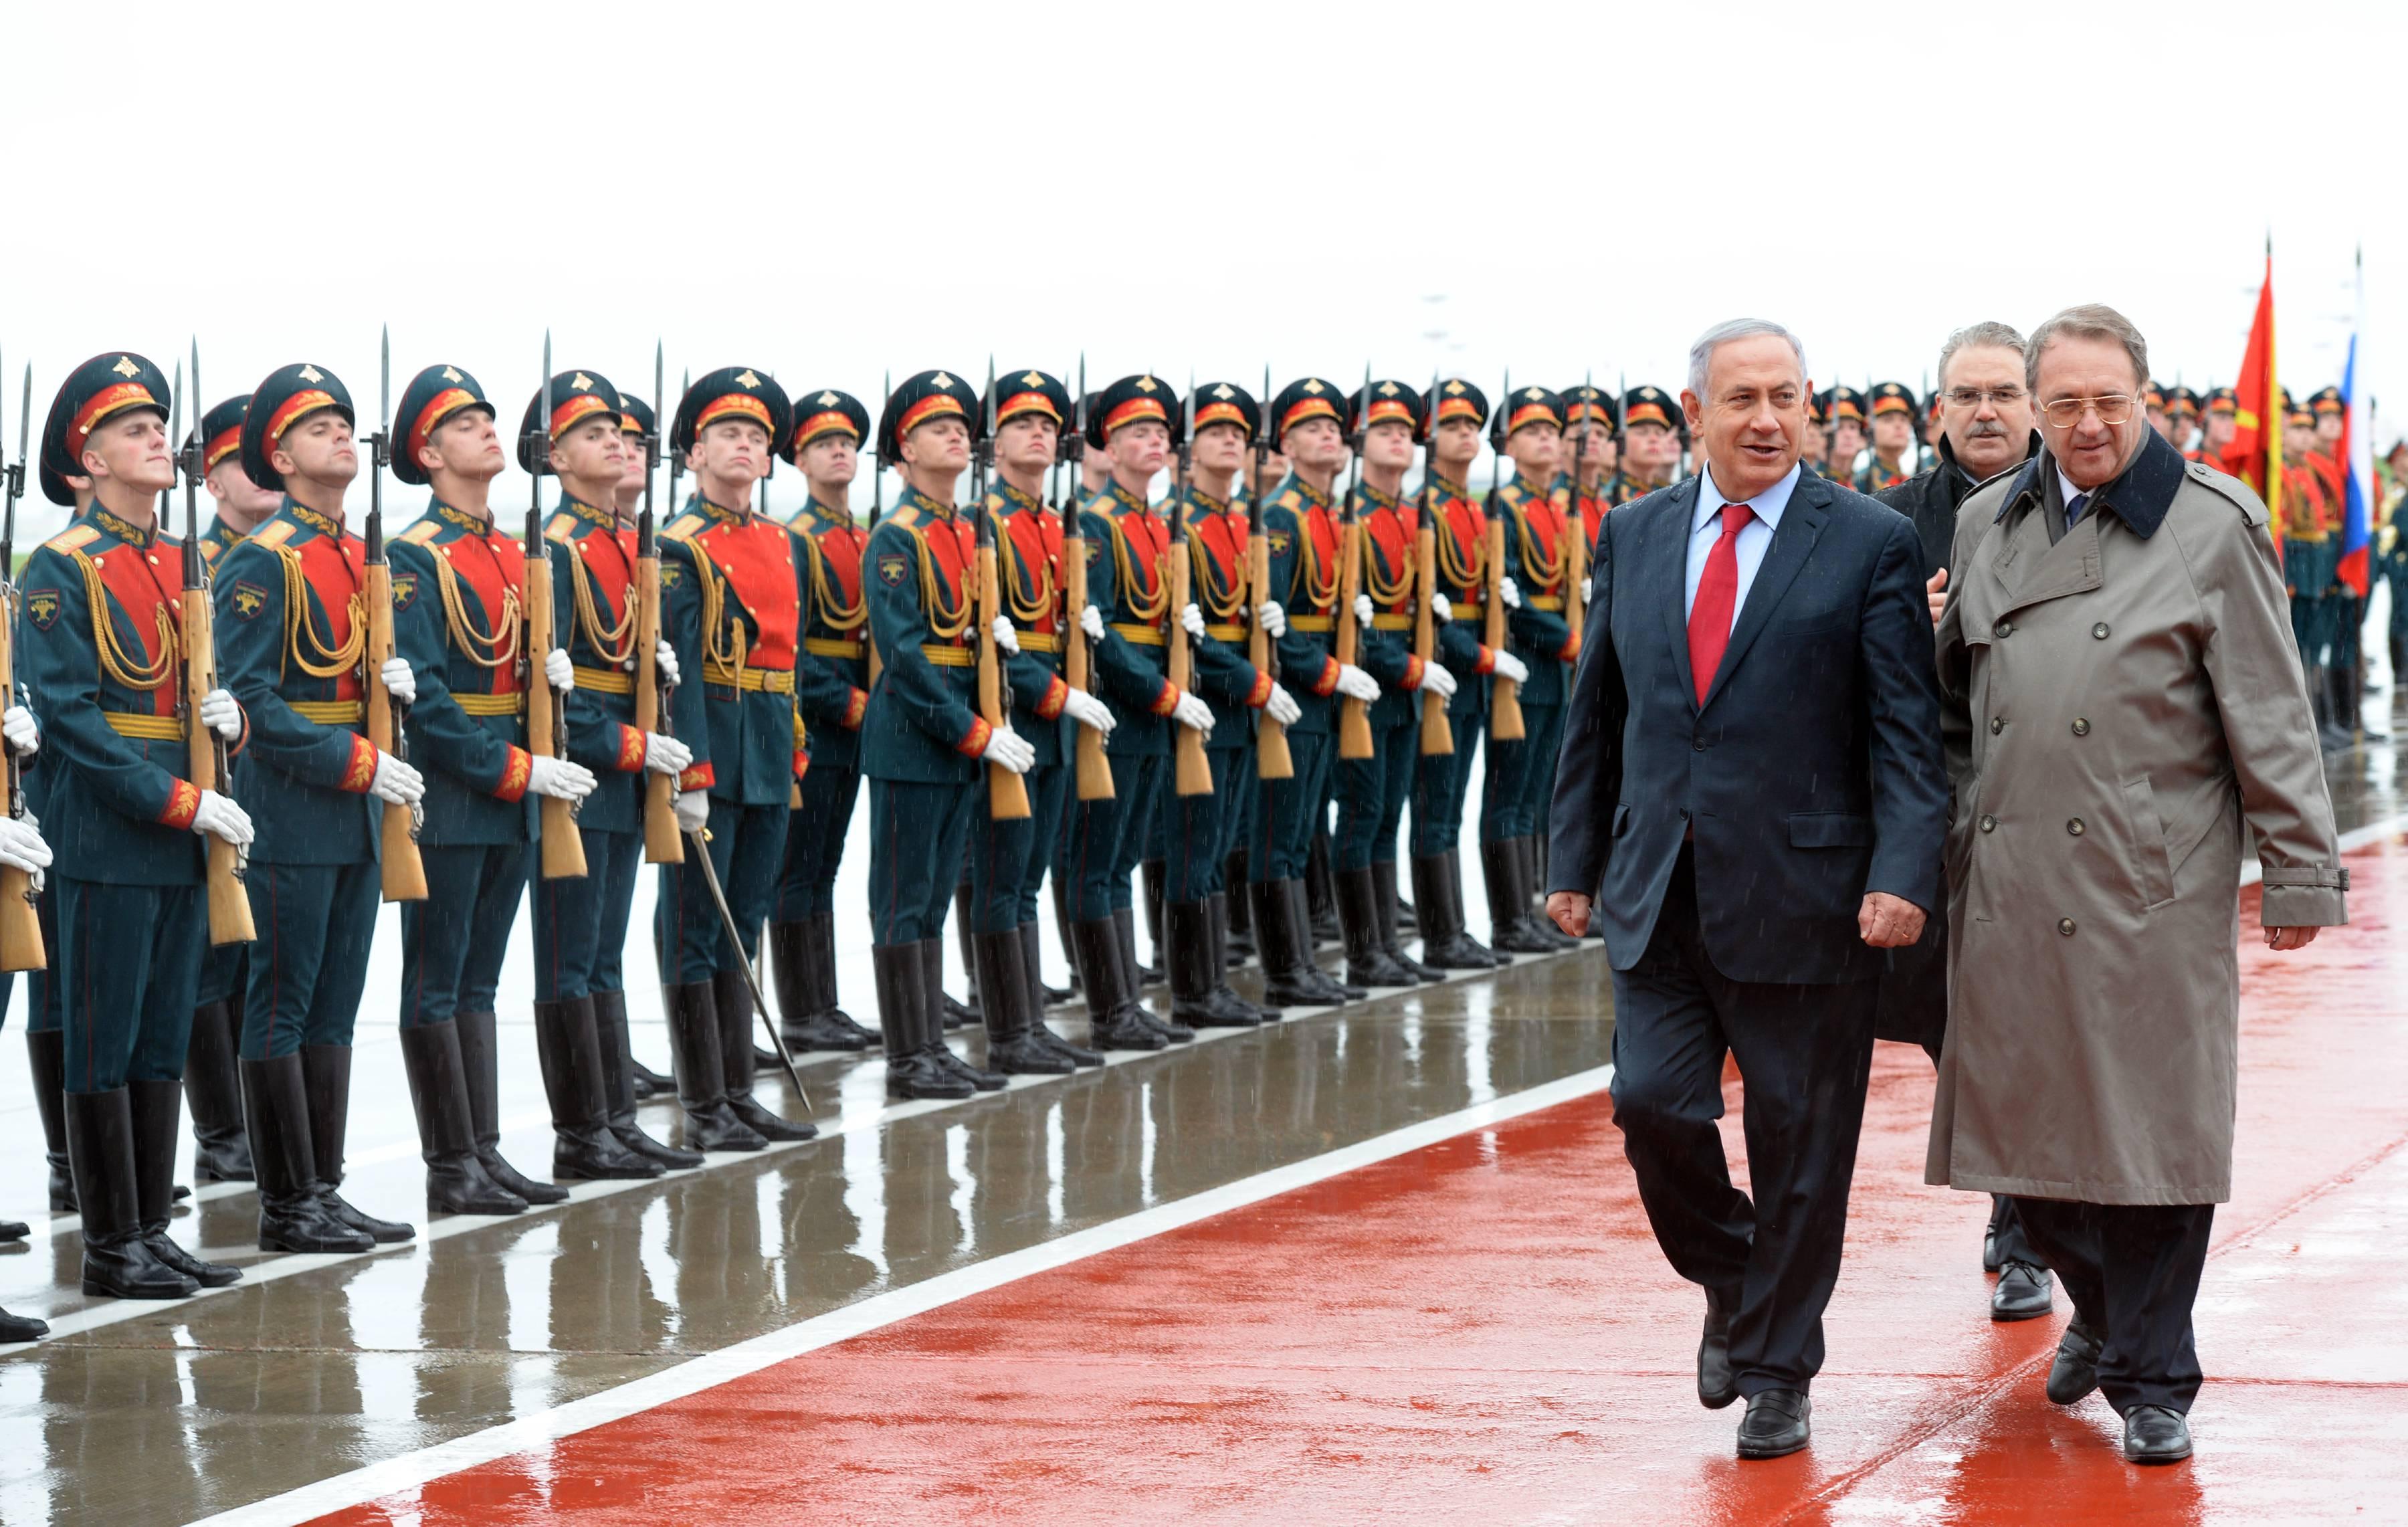 ראש הממשלה בנימין נתניהו ורעייתו שרה נתניהו נוחתים במוסקבה רוסיה